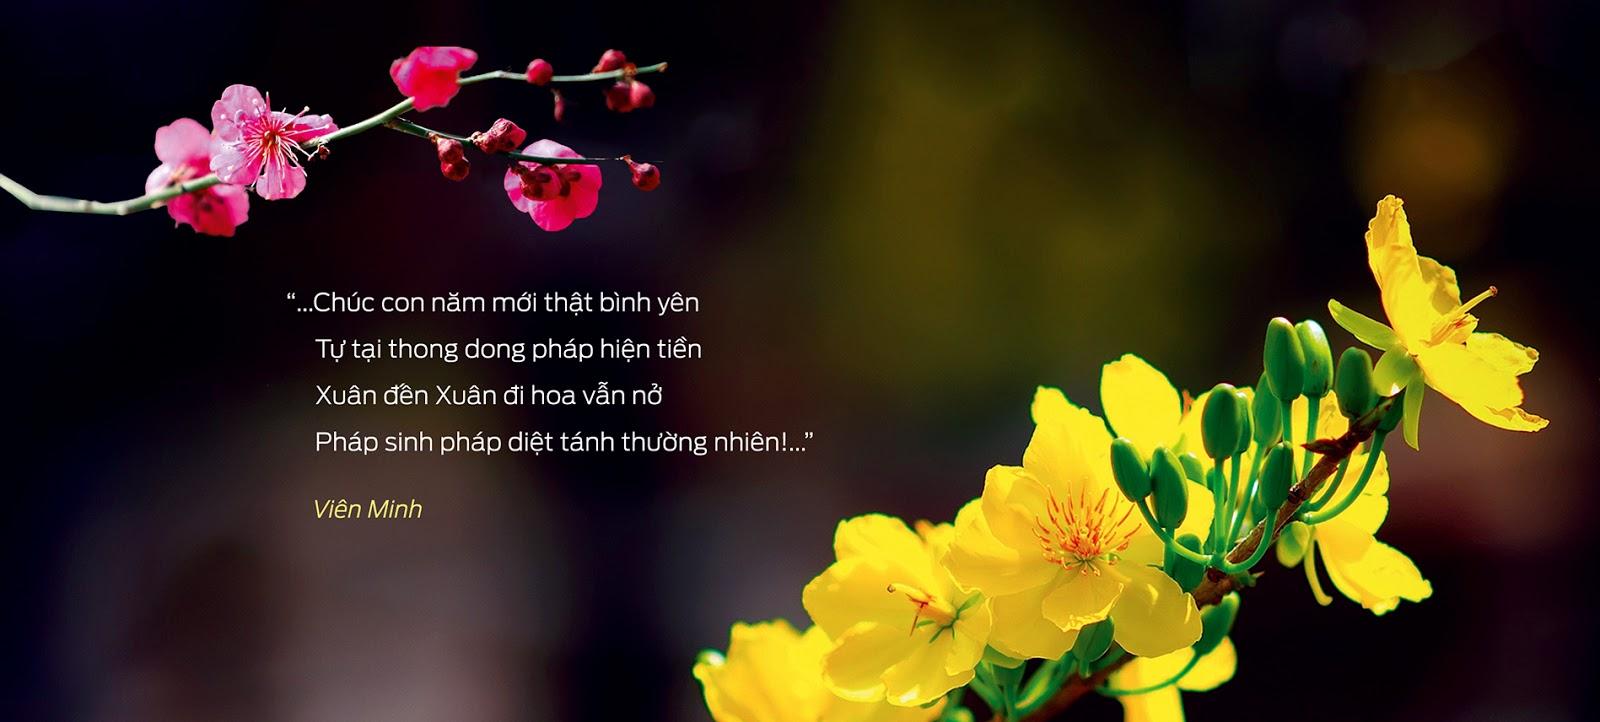 Xuân đến, xuân đi hoa vẫn nở...